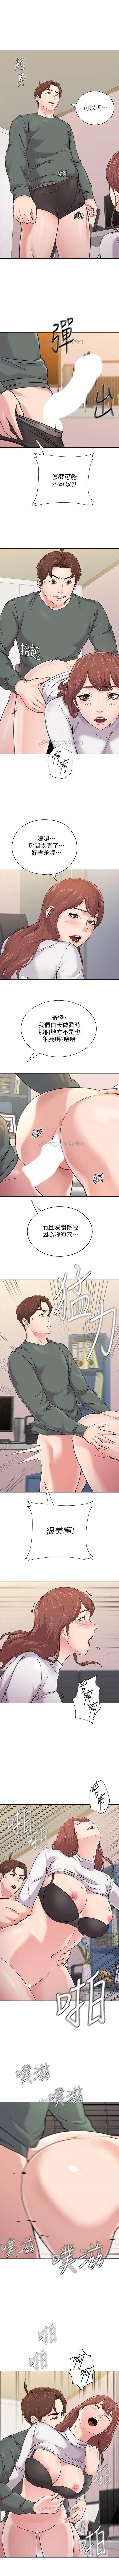 (周3)老师 1-56 中文翻译(更新中) 394